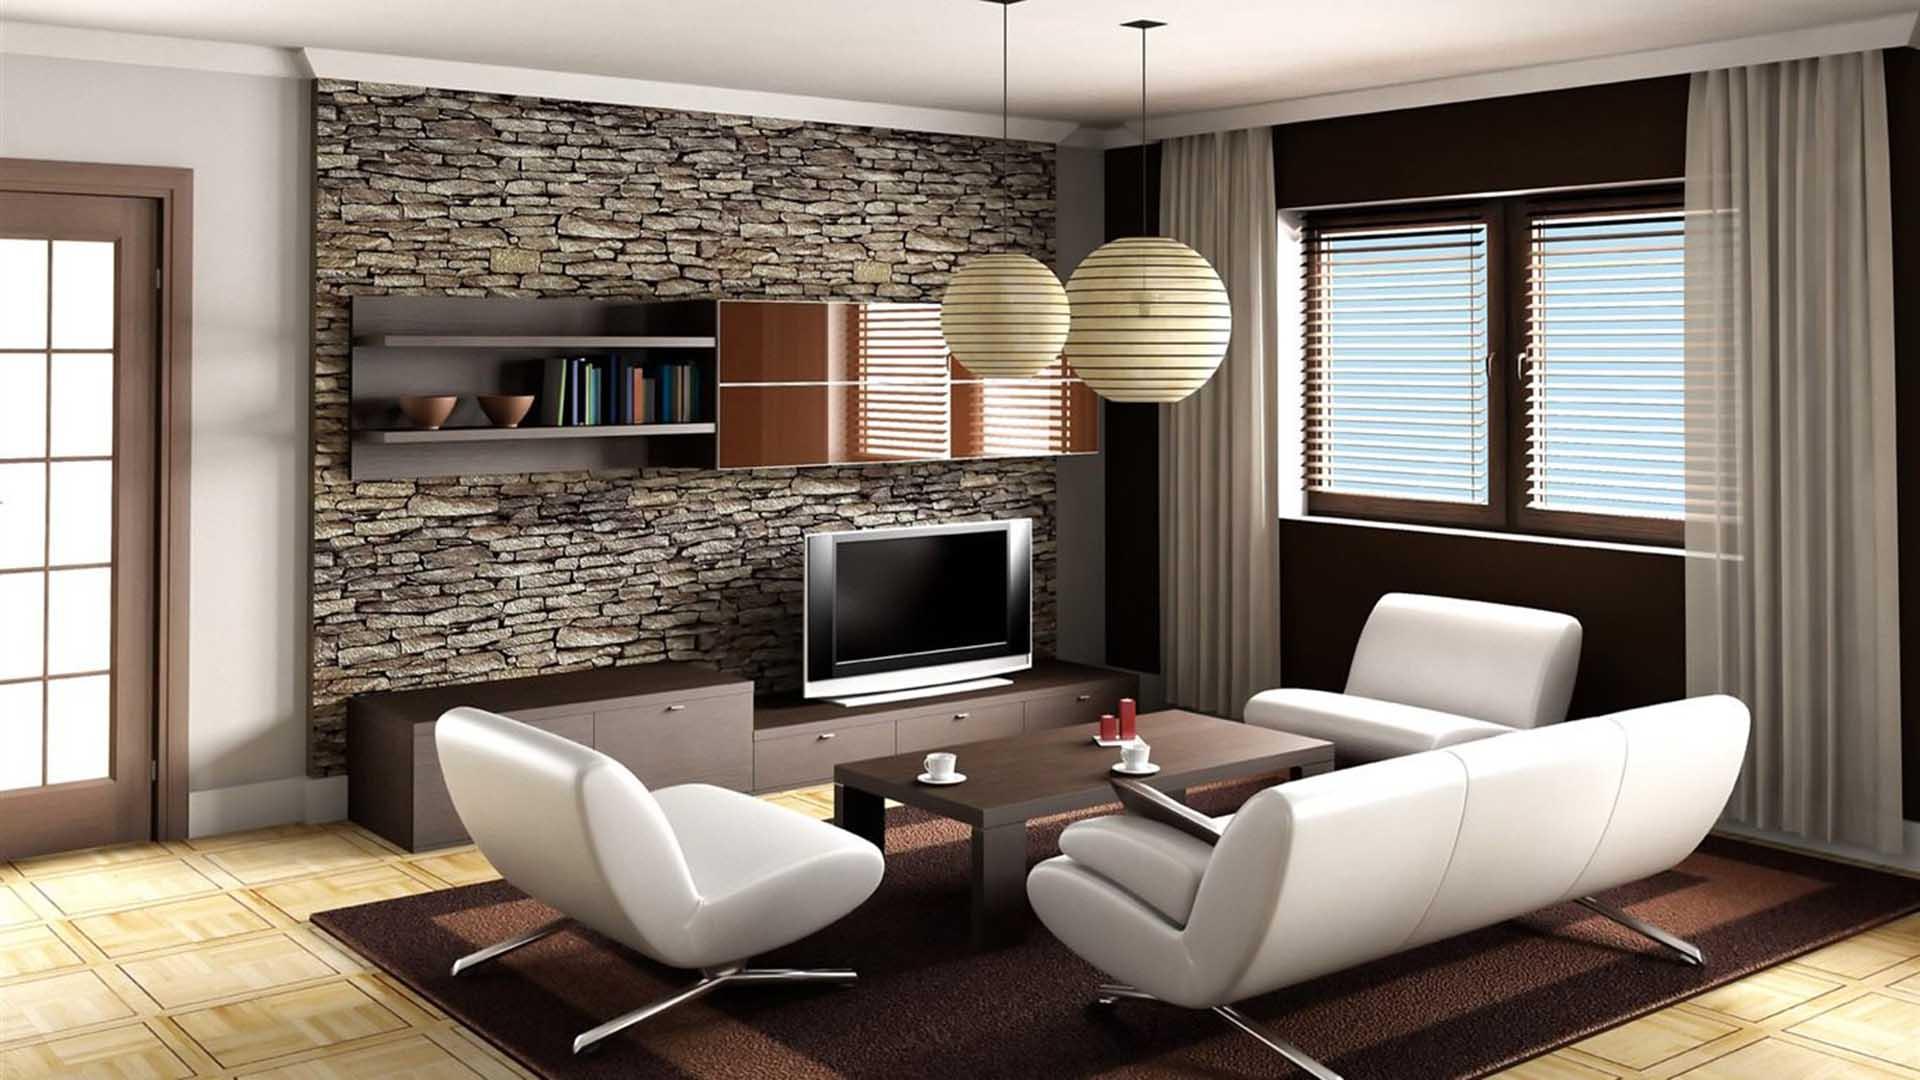 Salas Minimalista Llenas De Color # Muebles De Sala Fucsia